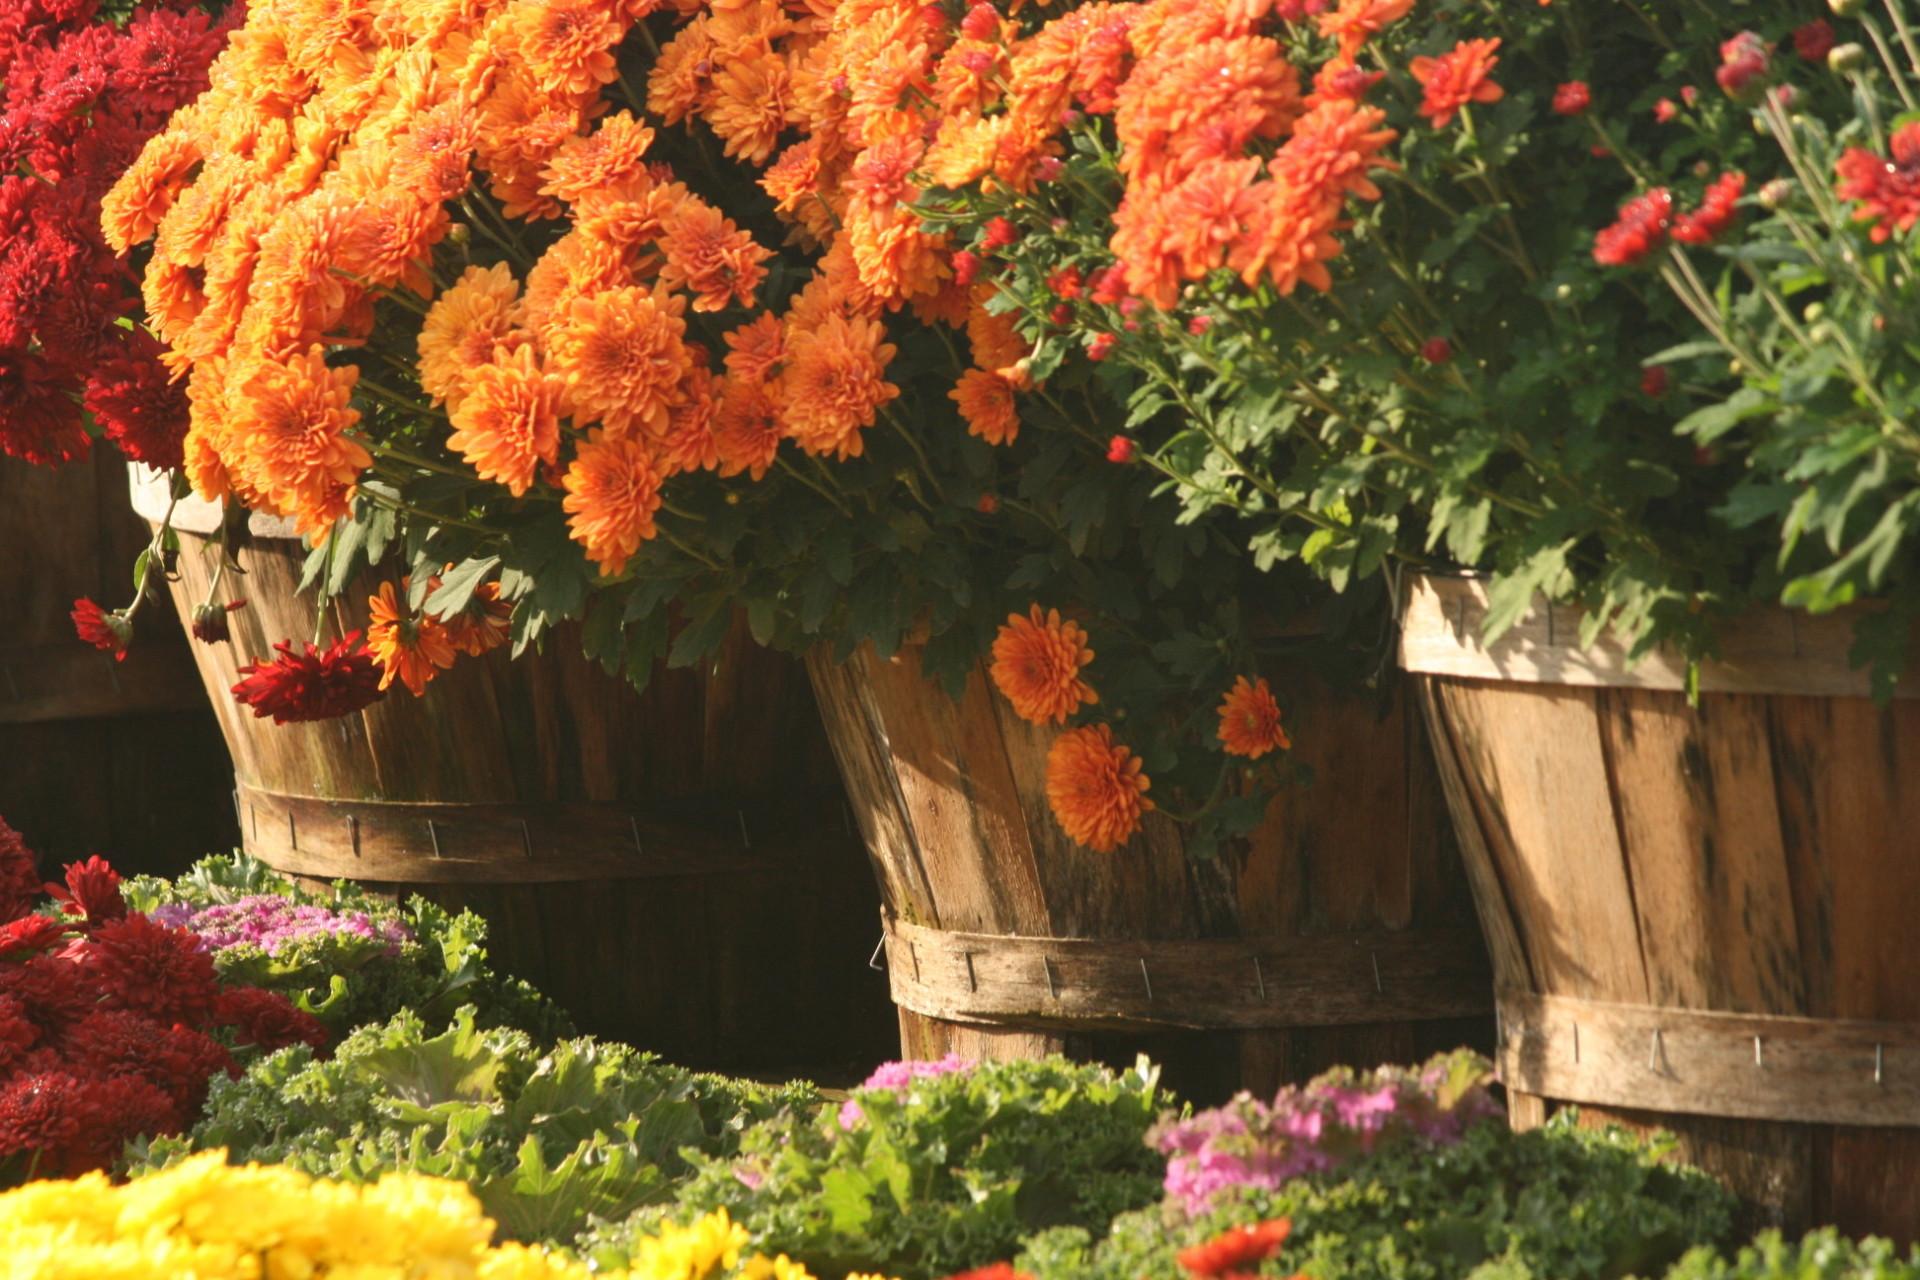 Fall-Mums-by-Cathy-Trainor-w1920.jpg